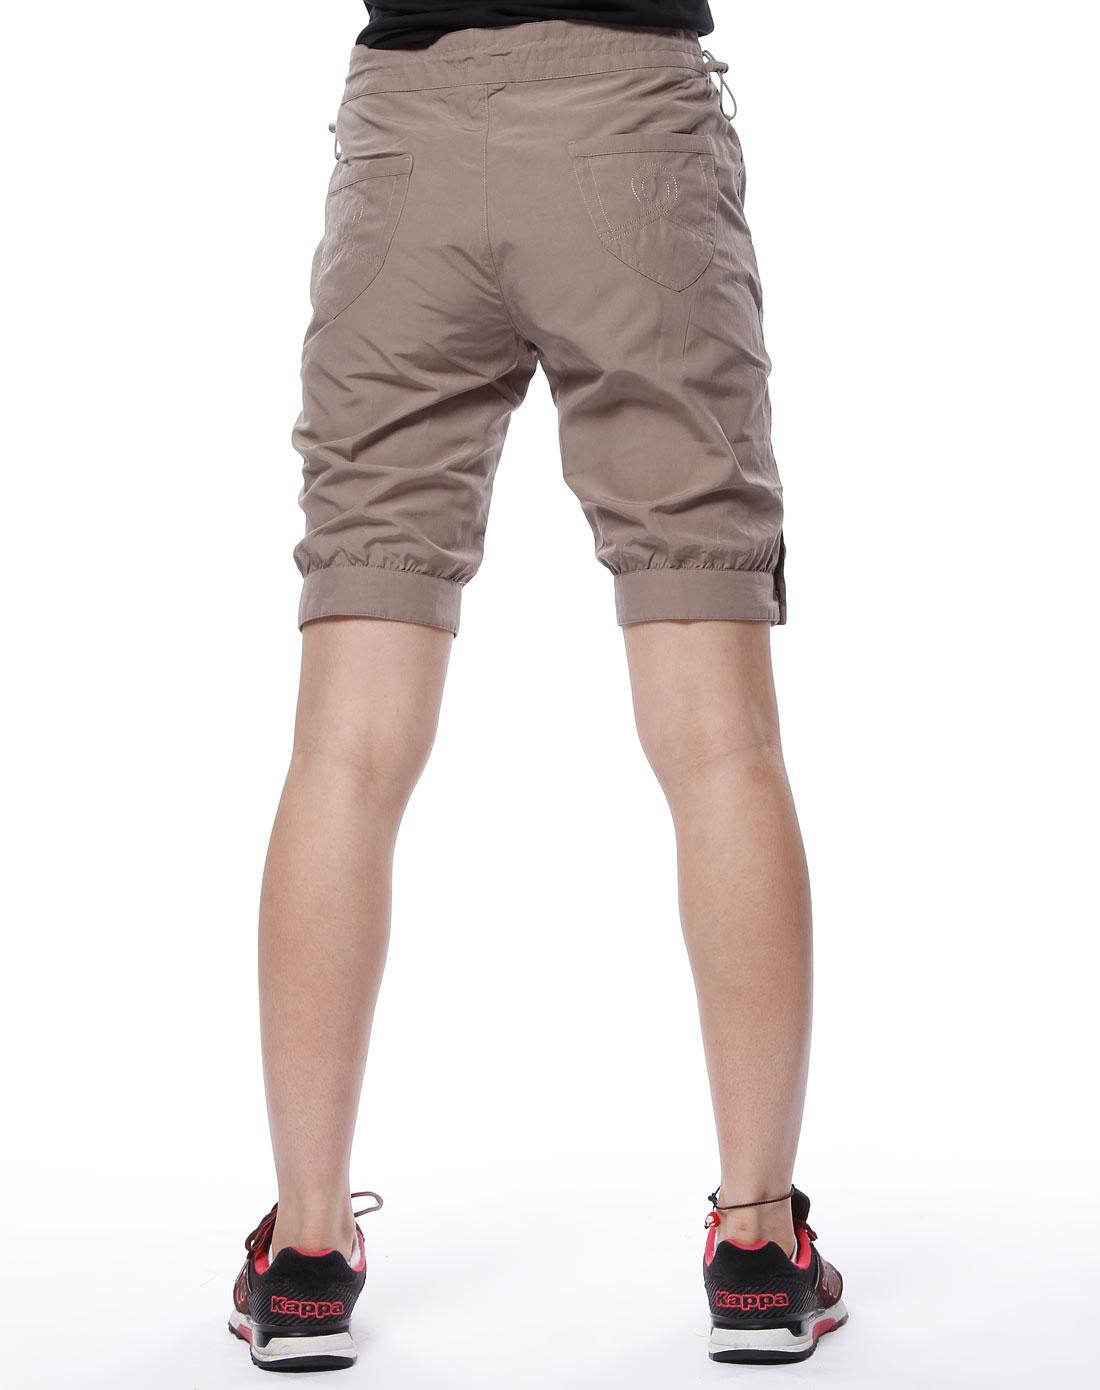 女款深卡其色休闲短裤